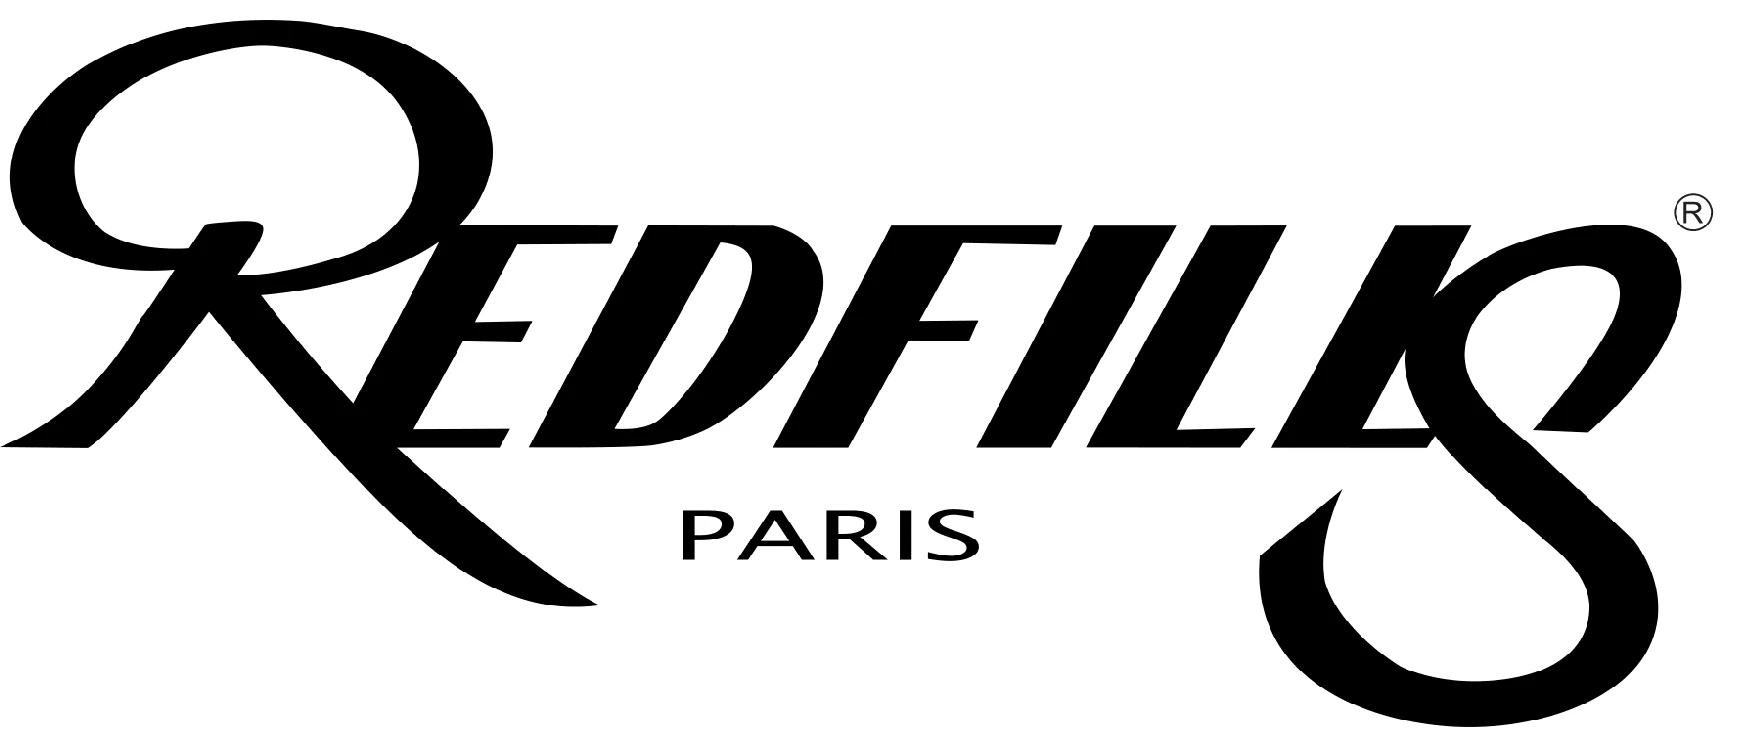 REDFILLS Dewachter Montpellier